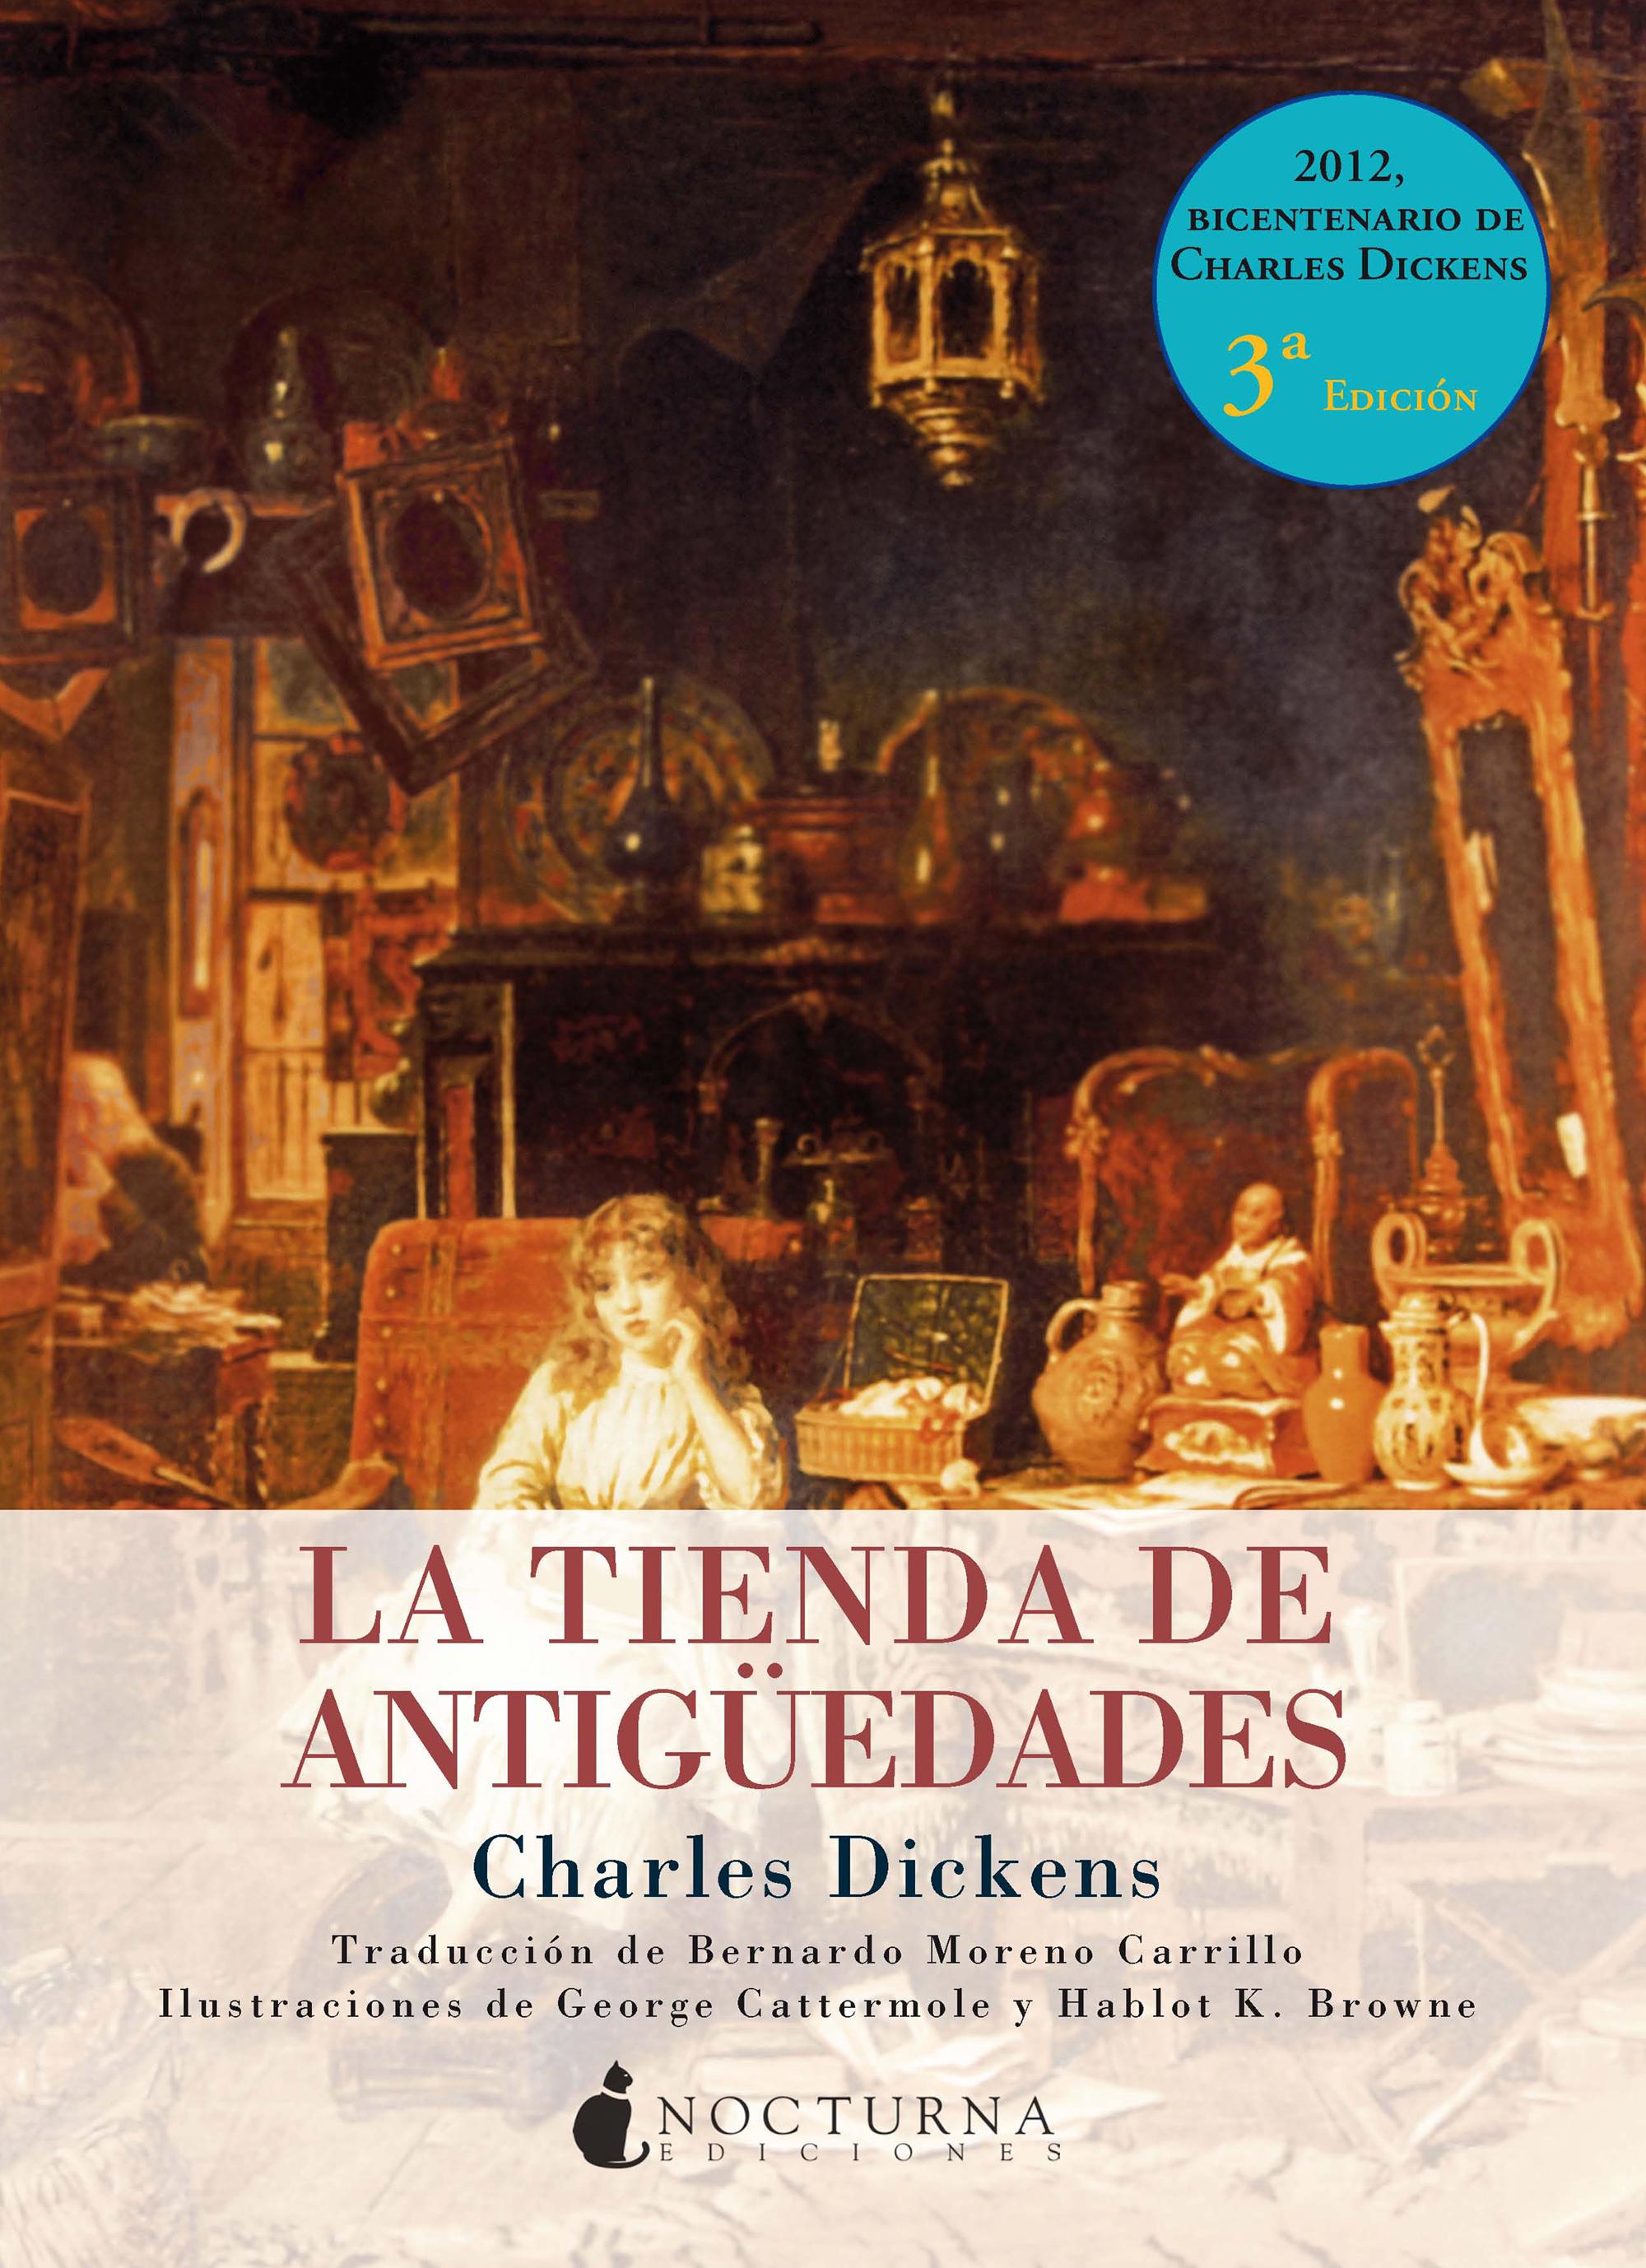 La tienda de antigüedades - Nocturna Ediciones